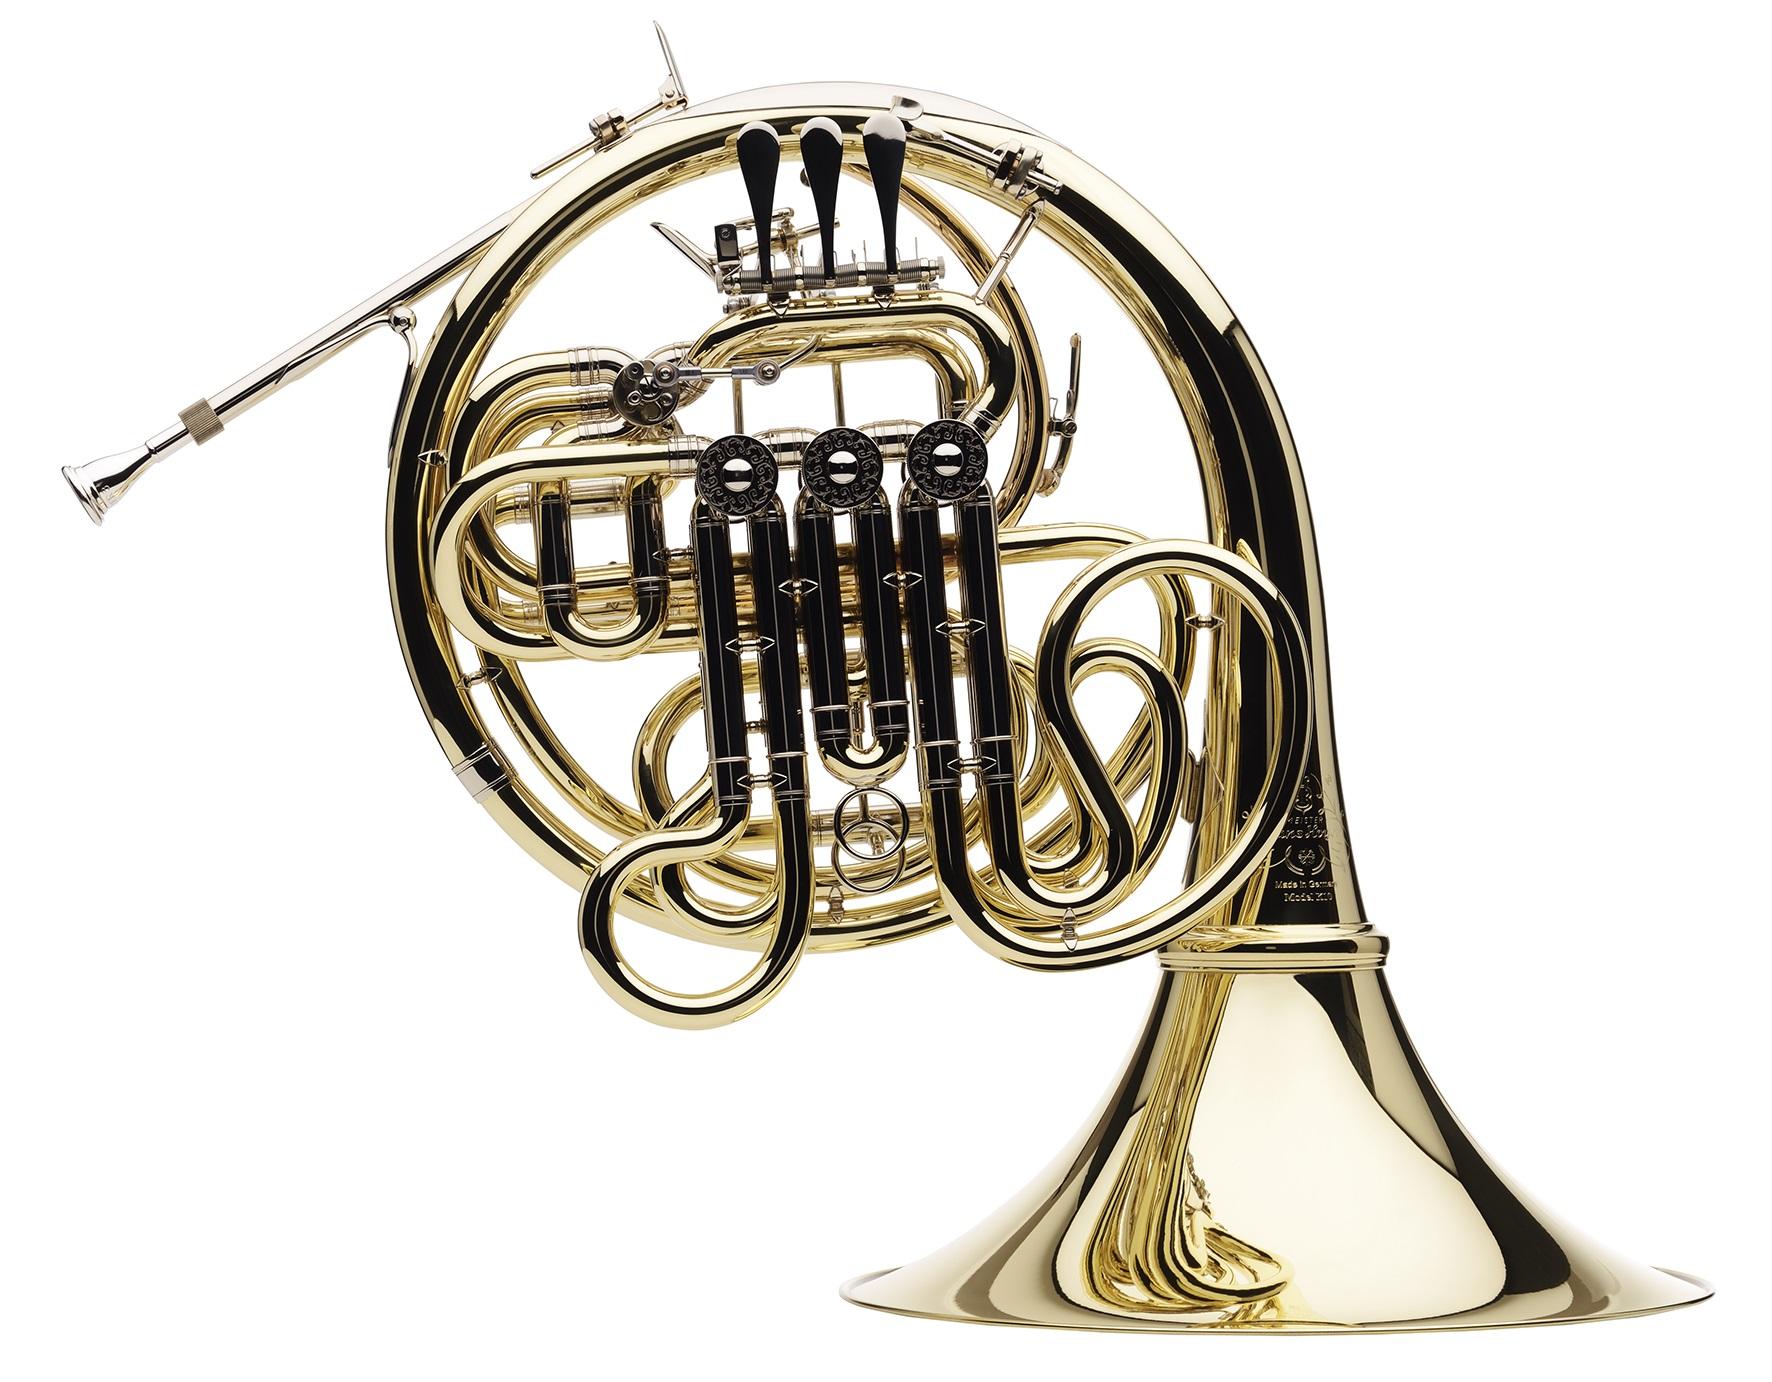 Hoyer - HH-K10L1A-1-0 - Blechblasinstrumente - Hörner   MUSIK BERTRAM Deutschland Freiburg